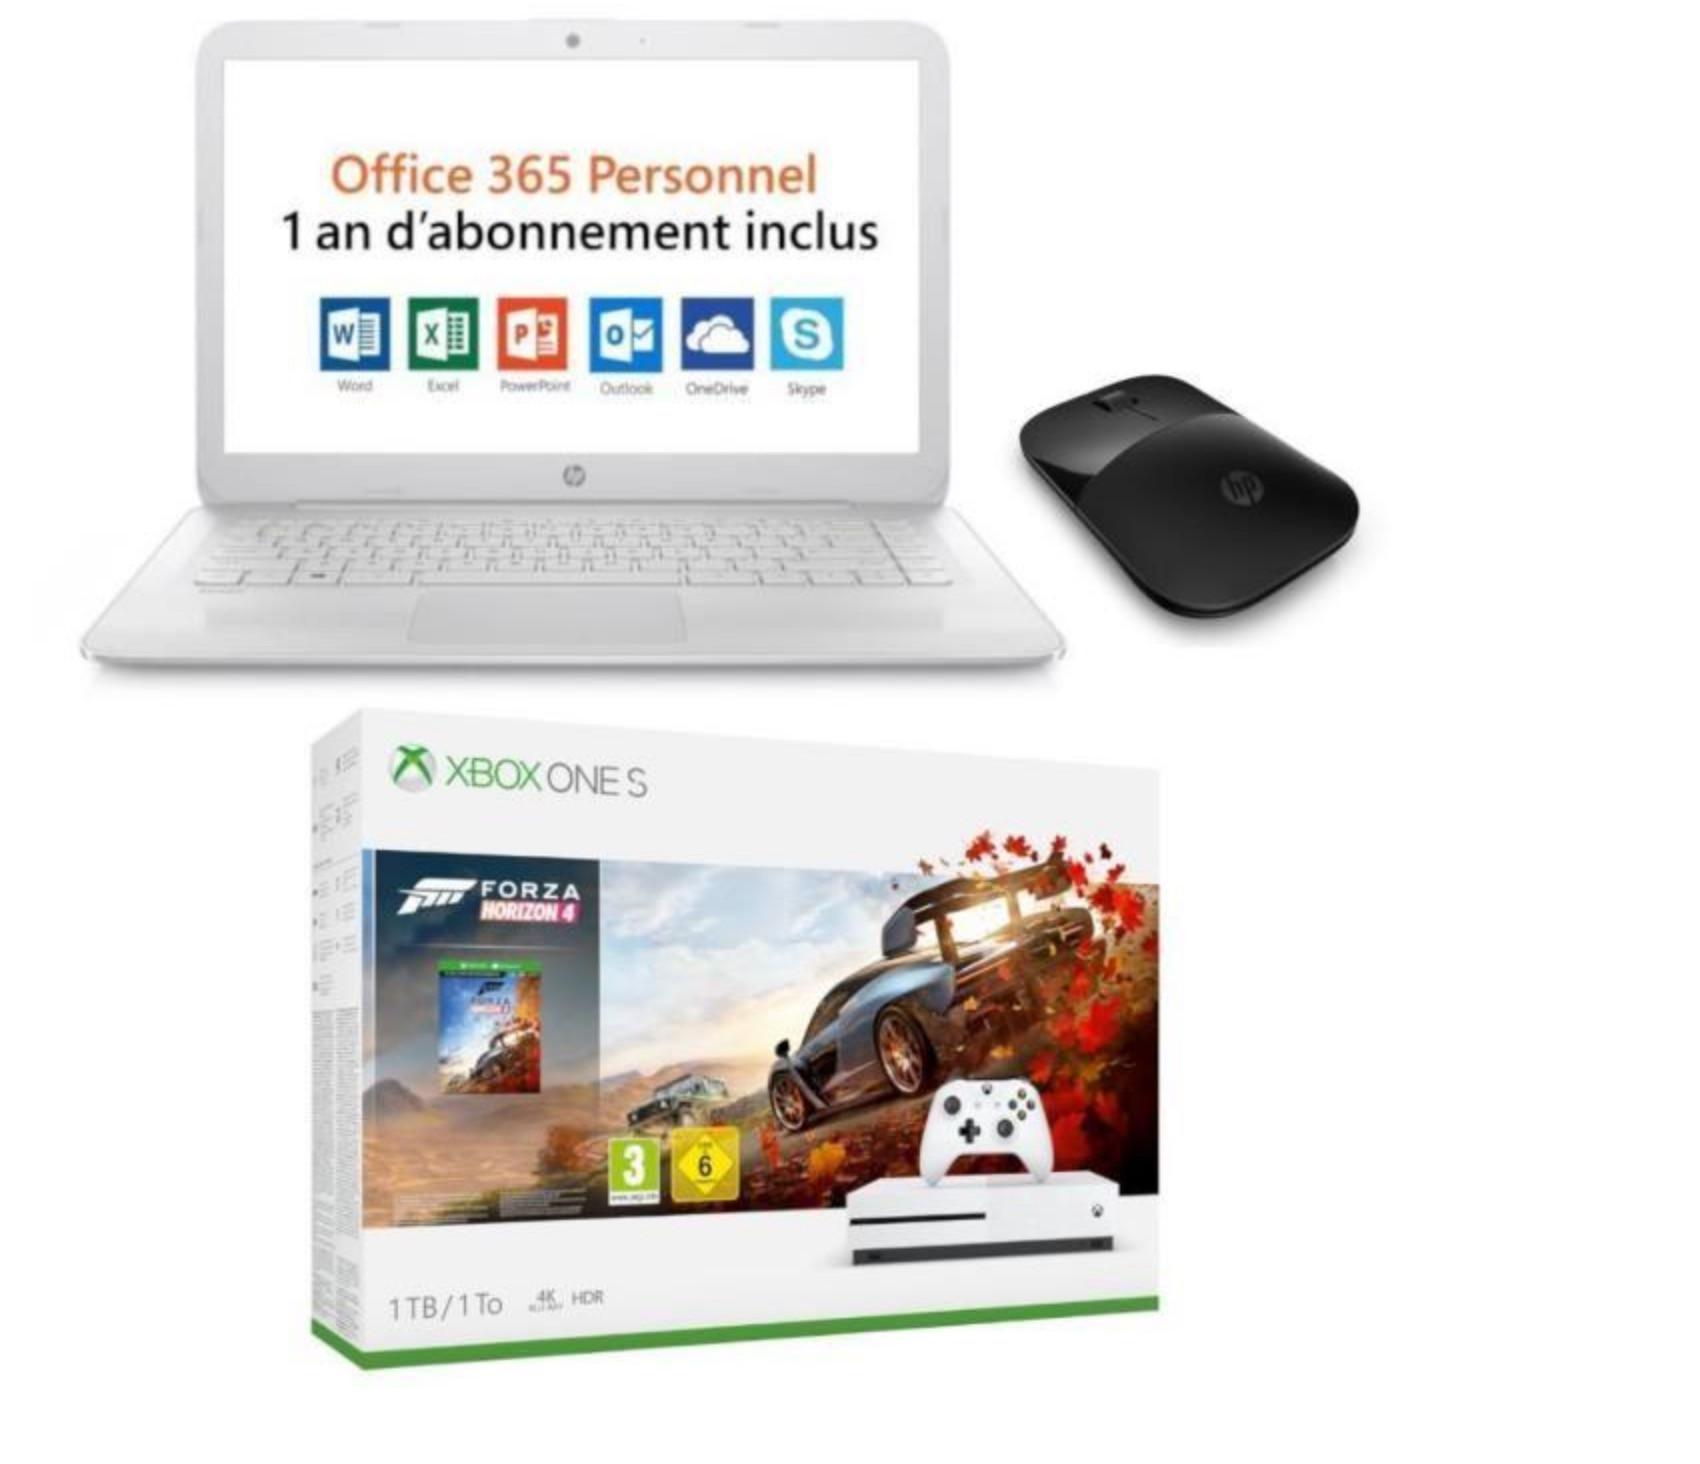 Le Pc Portable Hp Stream 14 Avec Souris Xbox One S Forza